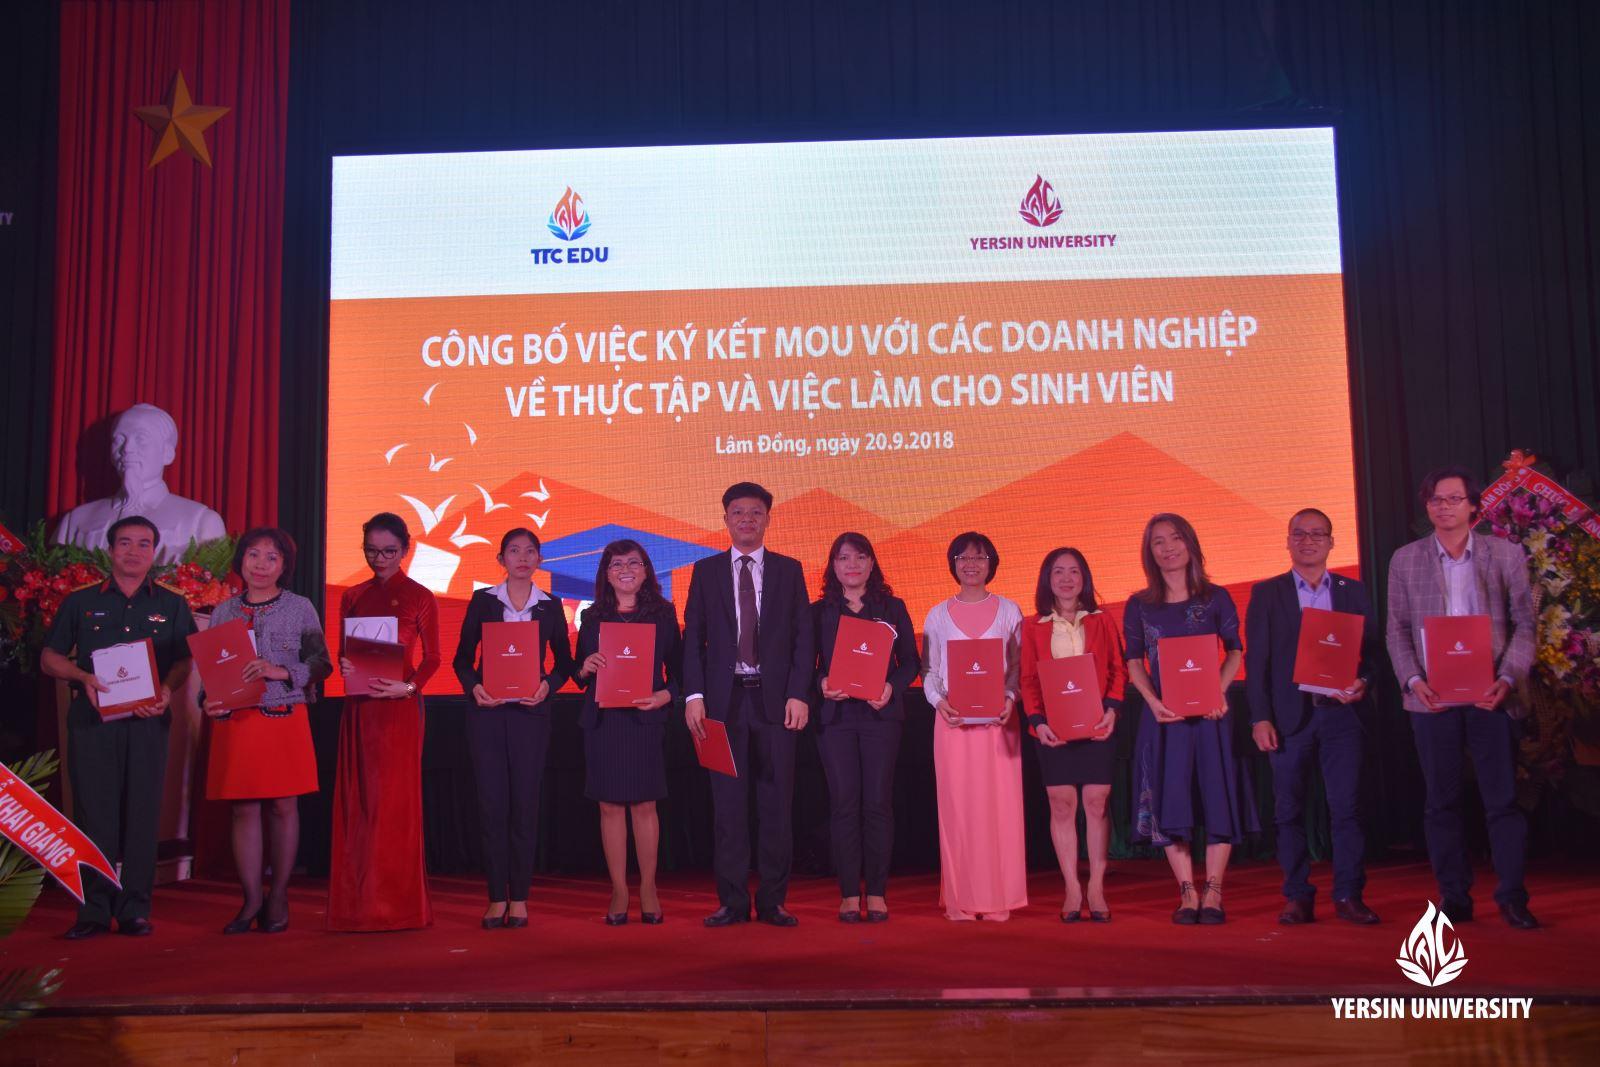 Trường Đại học Yersin Đfa Lạt công bố việc ký kết MOU với các doanh nghiệp về vấn đề việc làm cho sinh viên